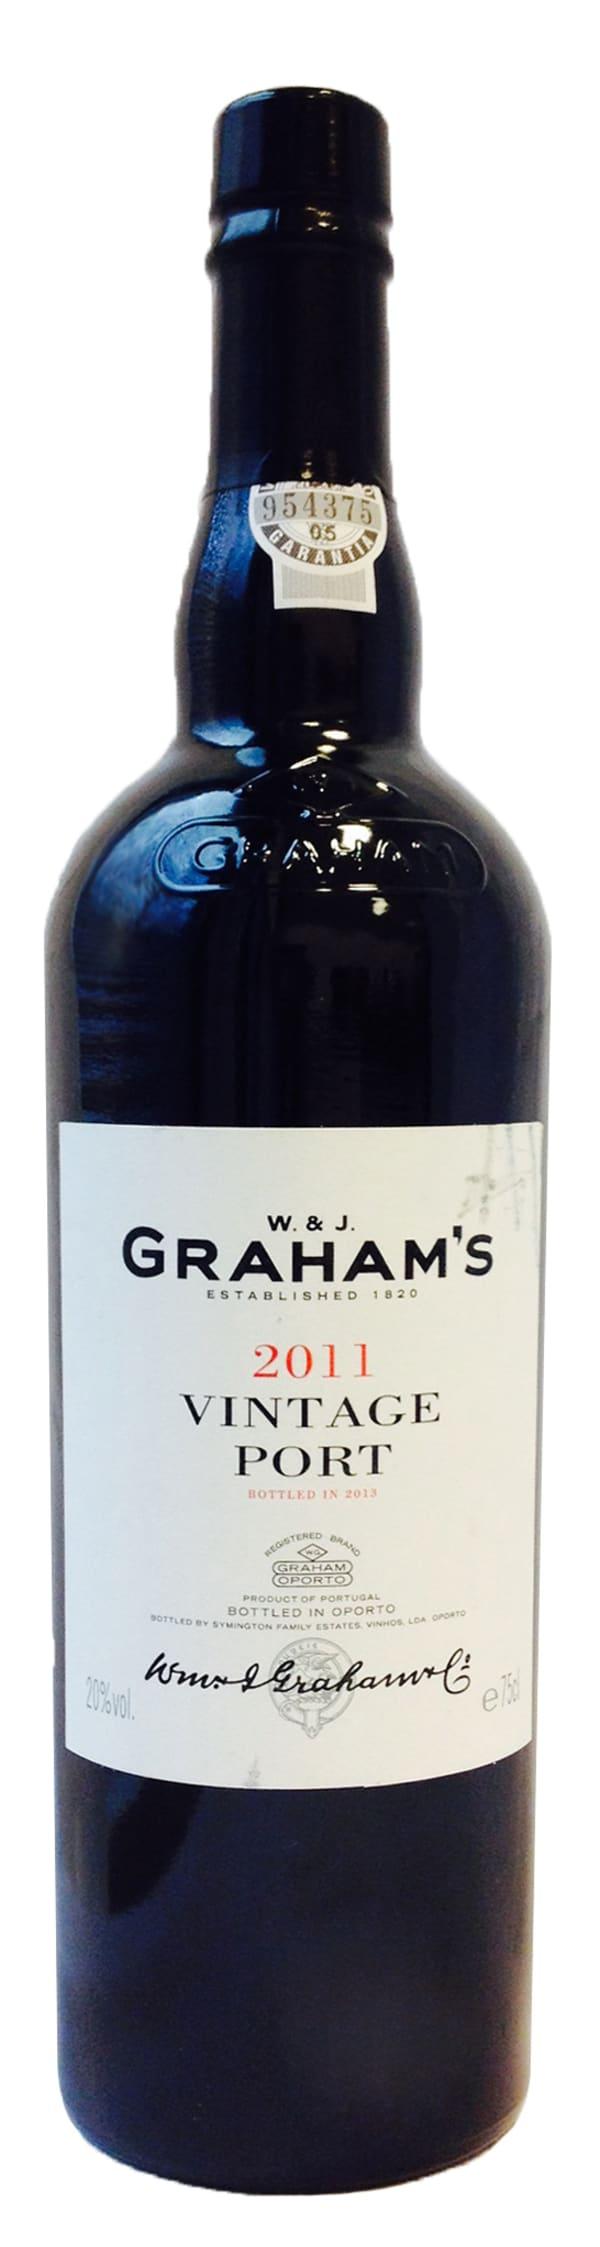 Graham's Vintage Port 2011